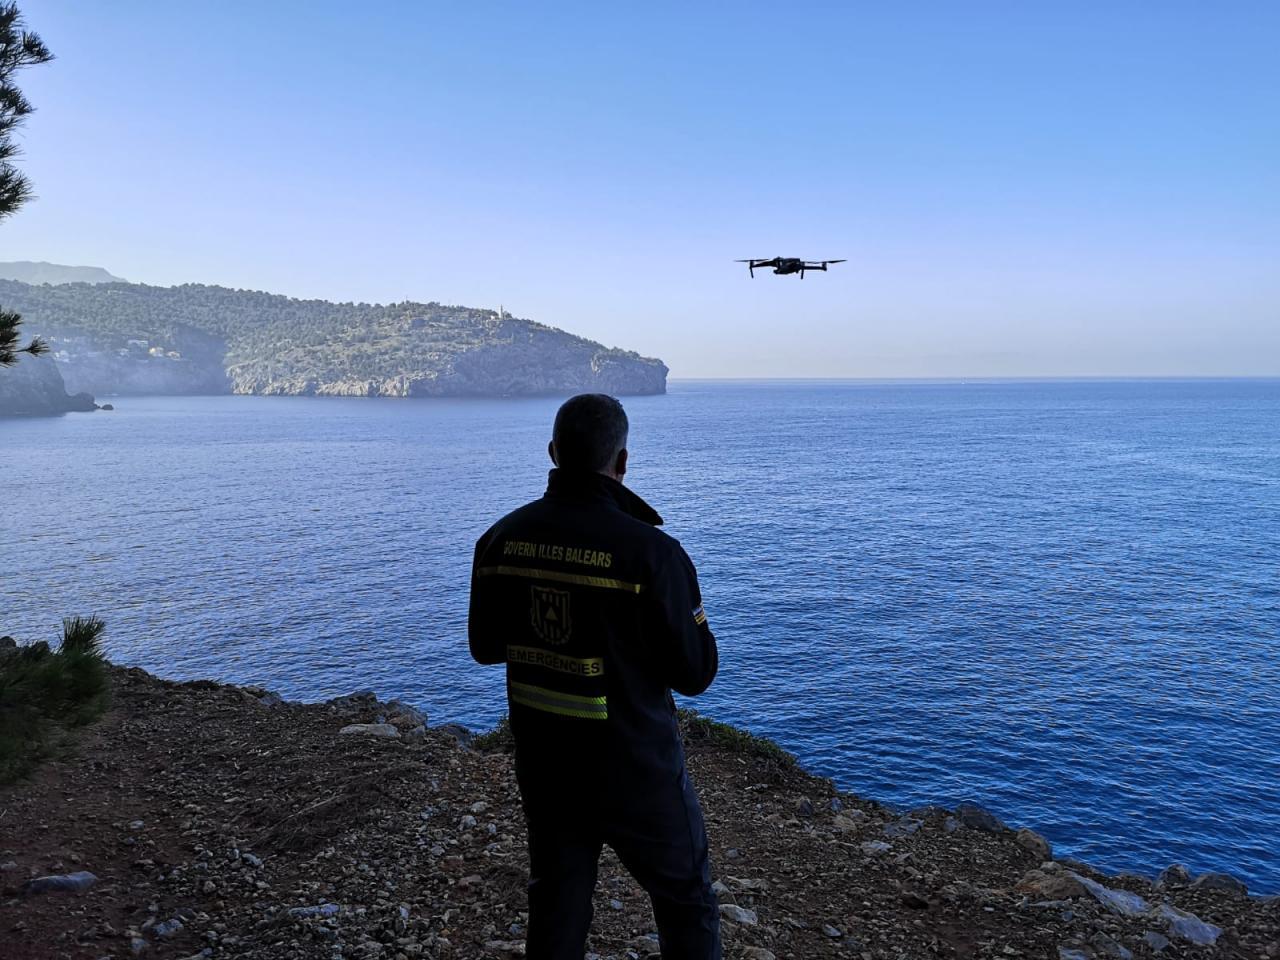 Un dron busca en el mar al barranquista desaparecido en Mallorca